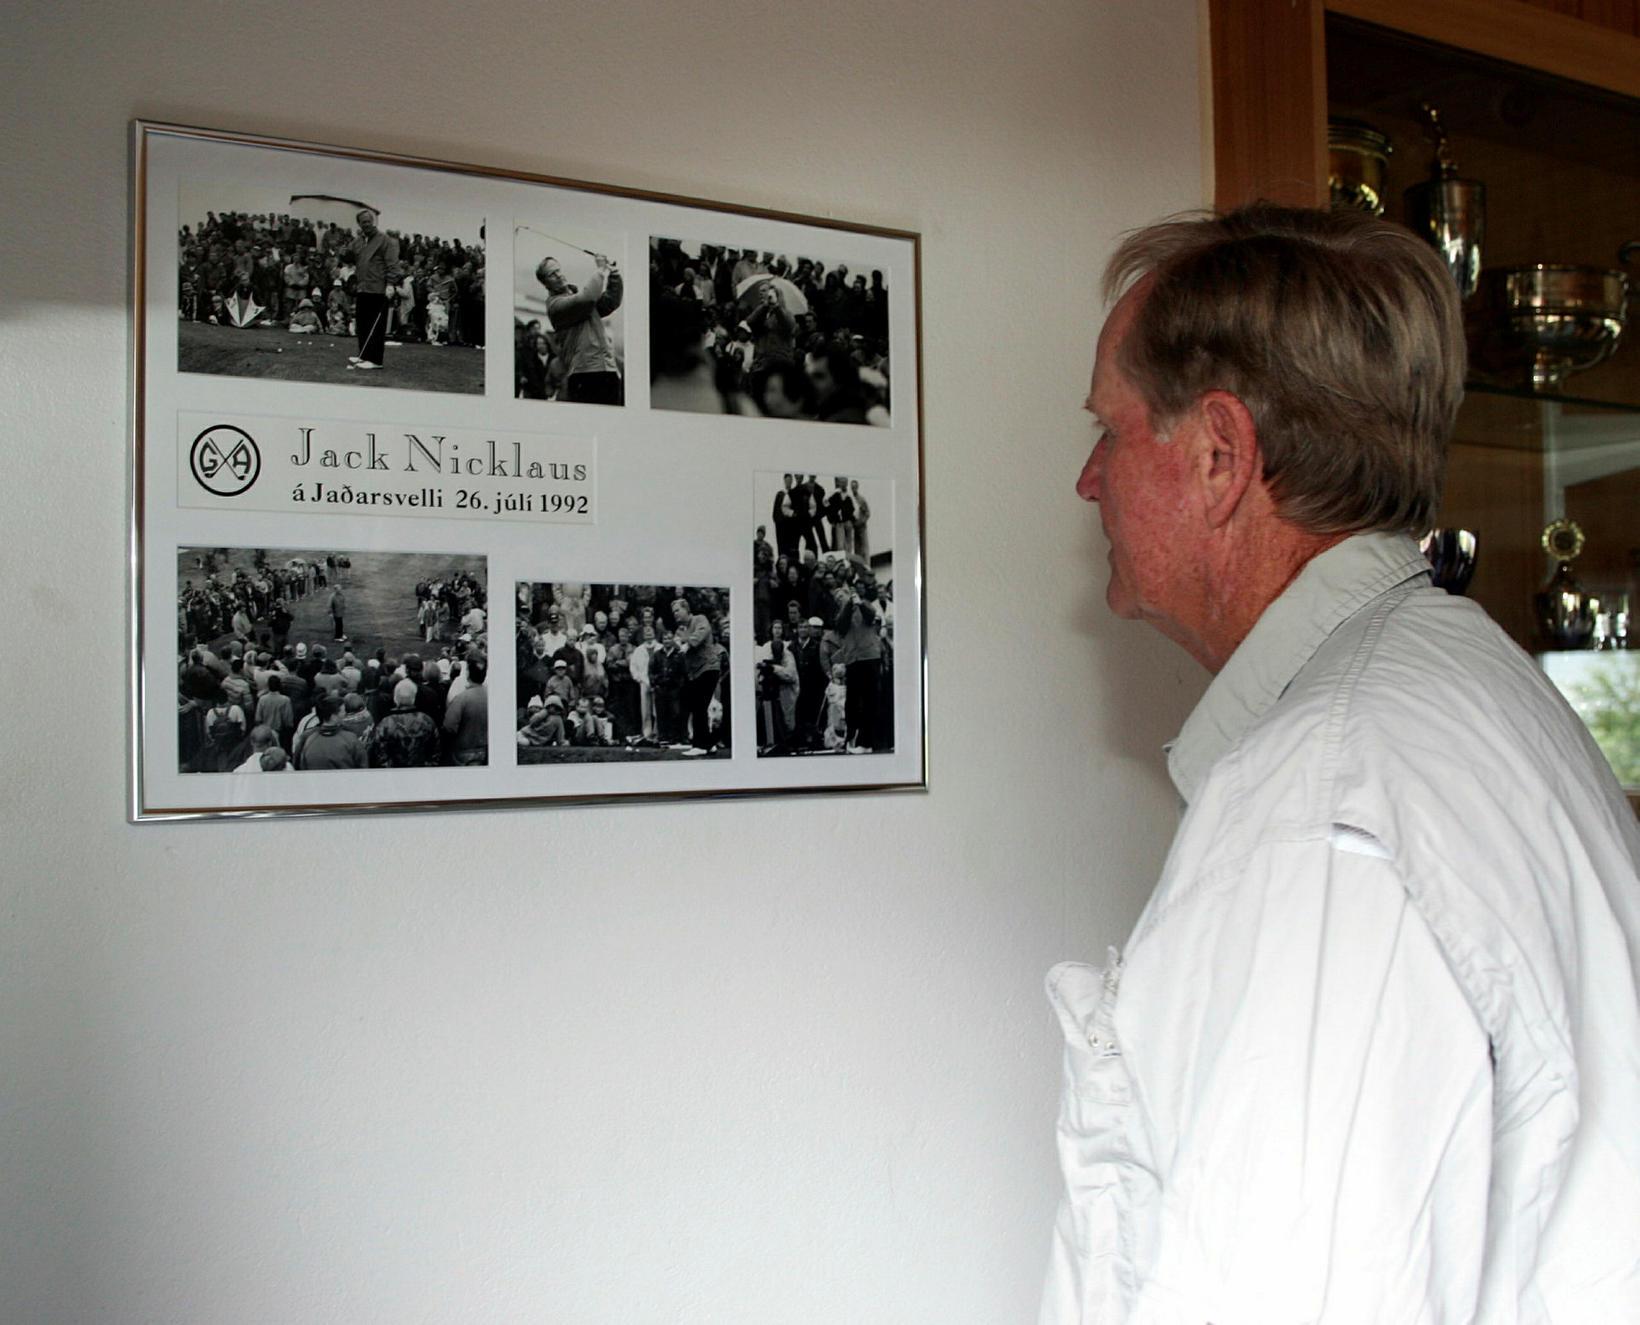 Jack Nicklaus í heimsókn hjá Golfklúbbi Akureyrar þar sem hann …